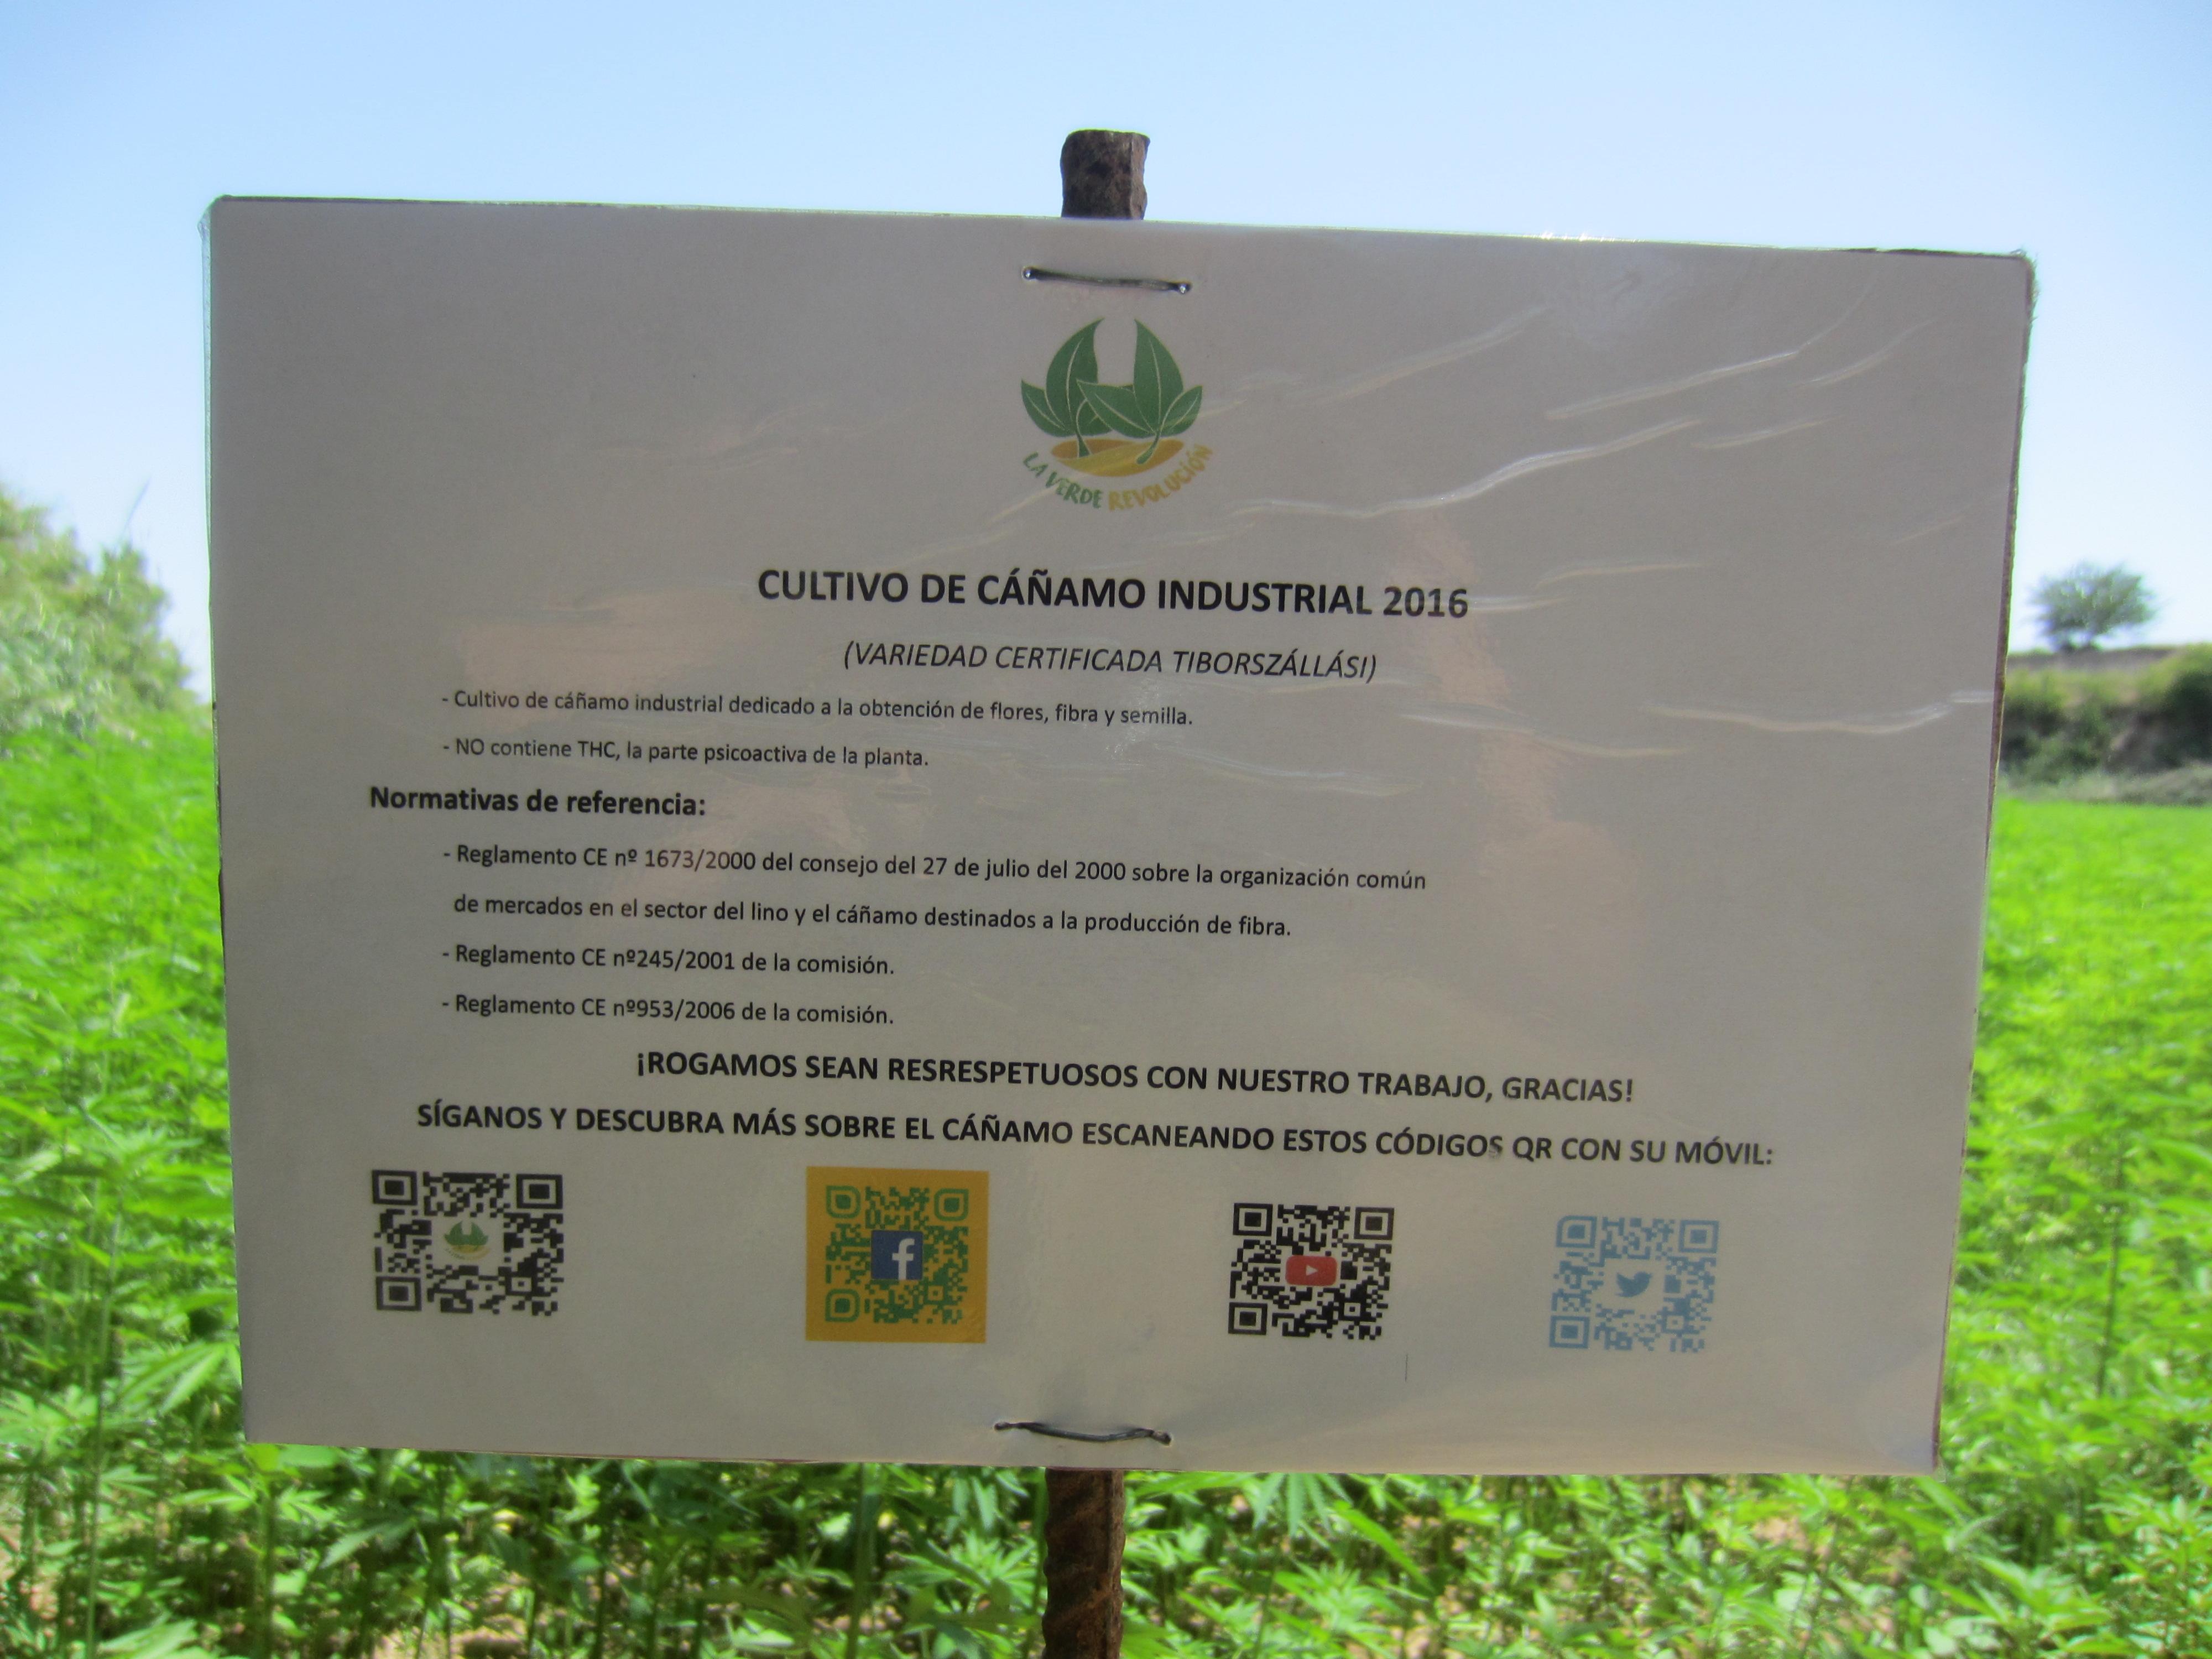 Se necesita alg n tipo de permiso para cultivar c amo for Consola de tipo industrial